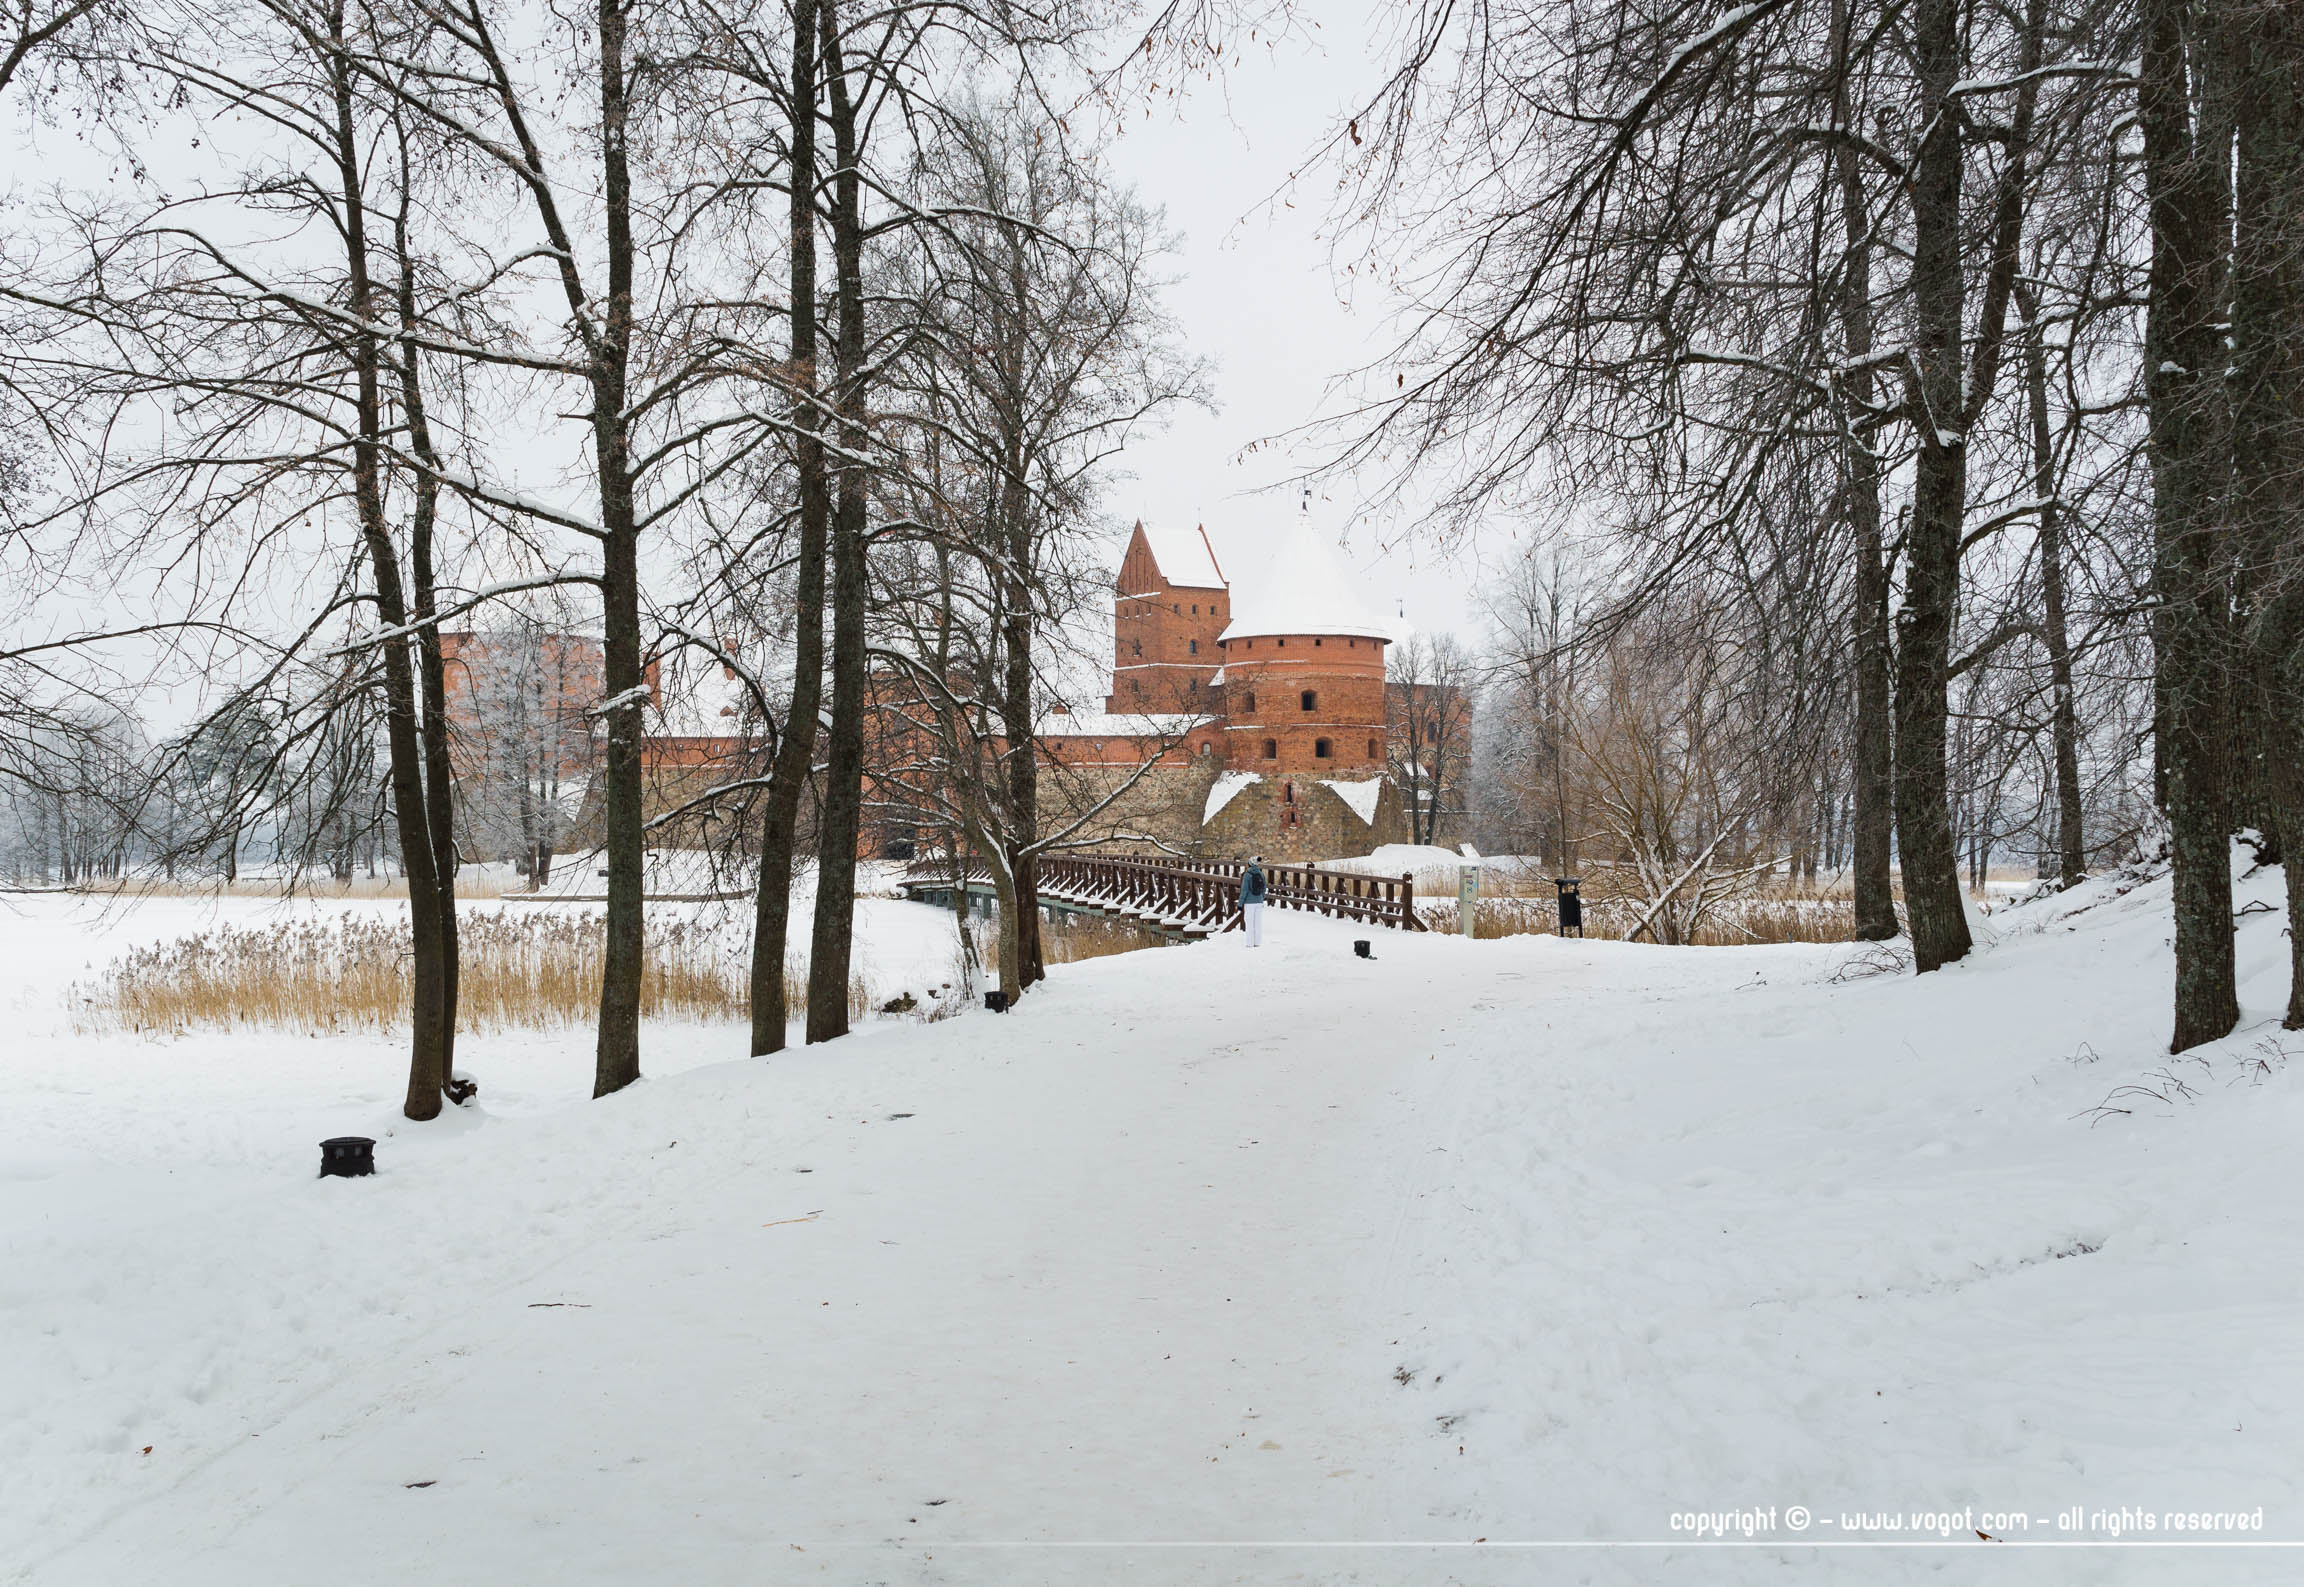 Le château de Trakai au loin dans un paysage enneigé